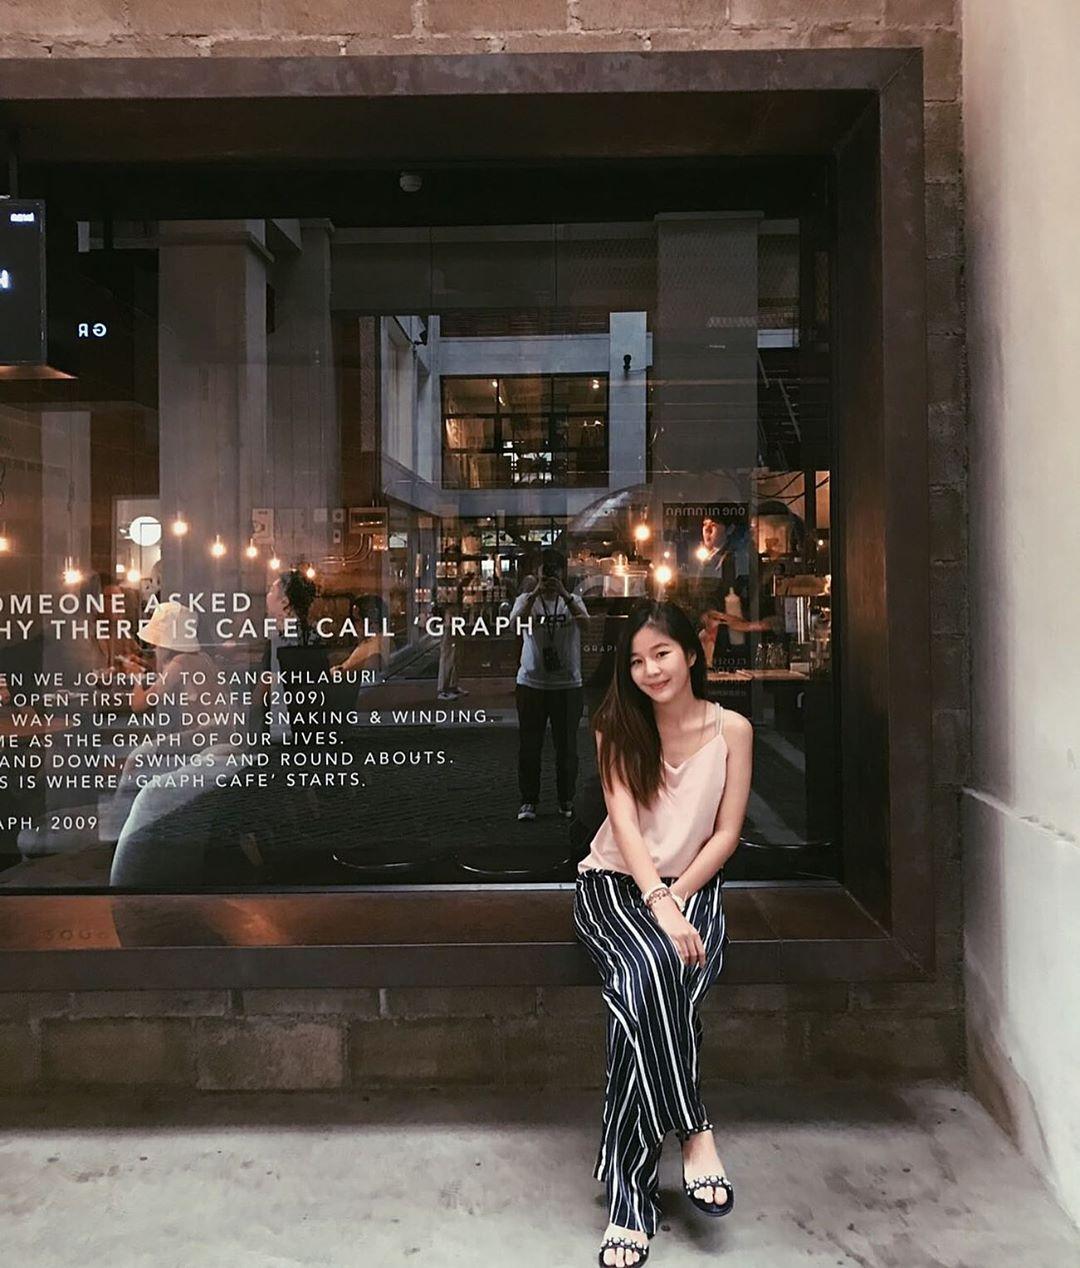 Cafe-chiangmai-ivivu-14